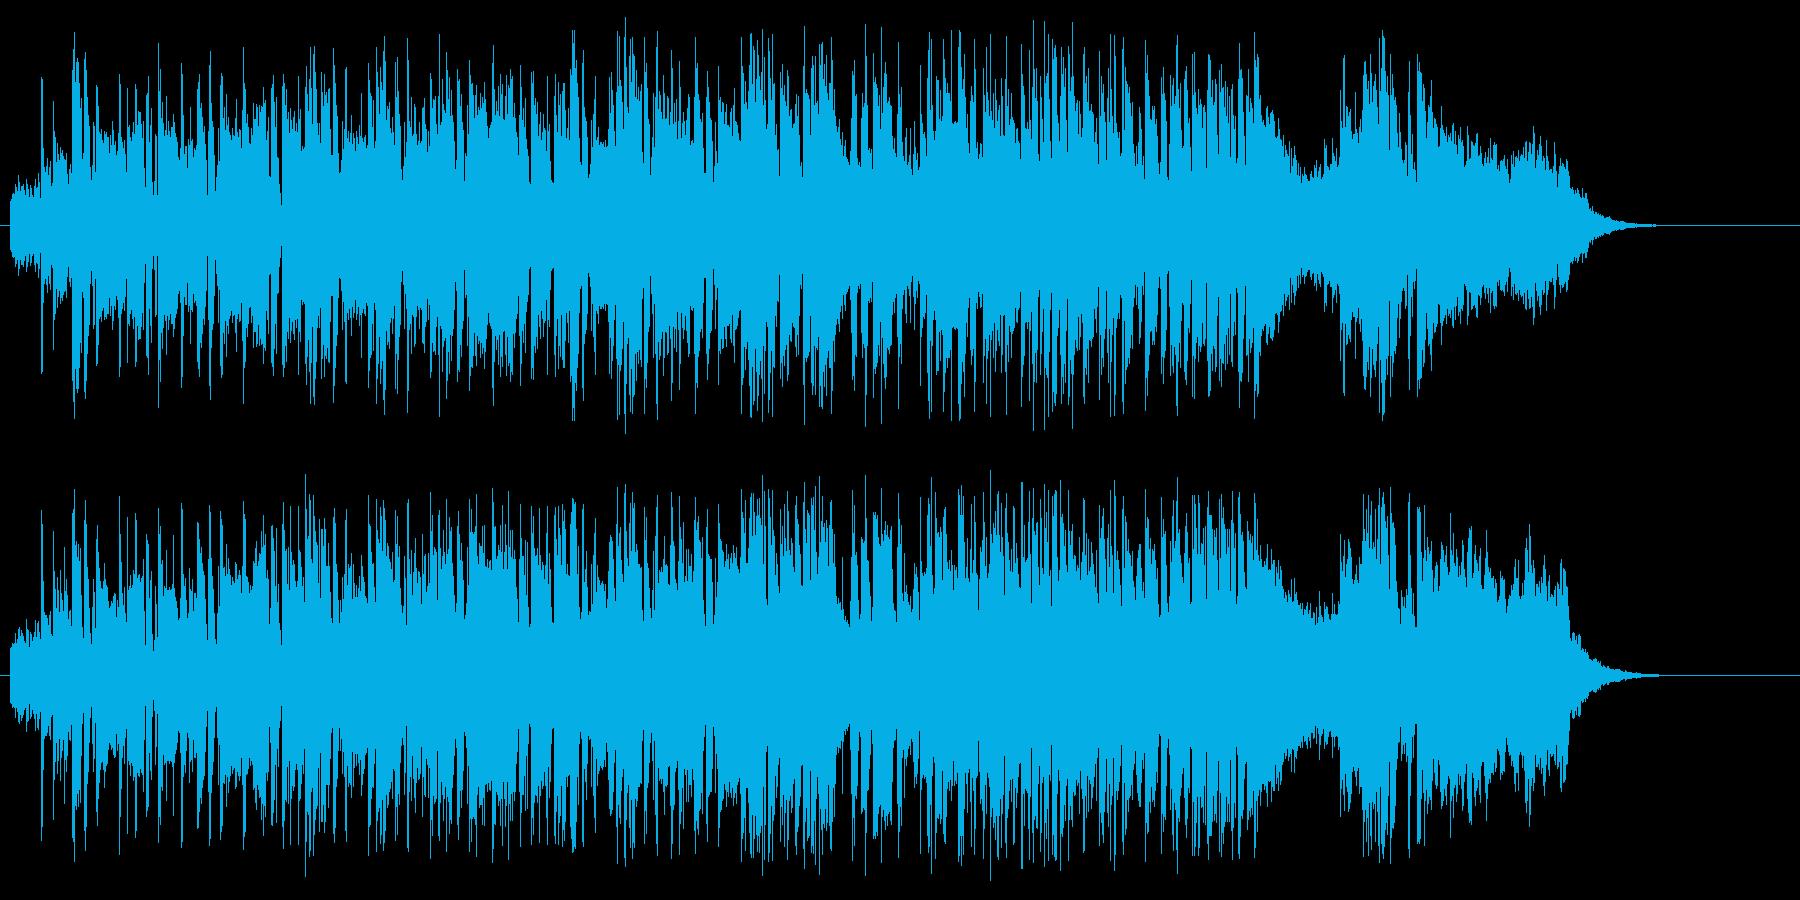 華やかな、BGMコマーシャルビデオ向けの再生済みの波形